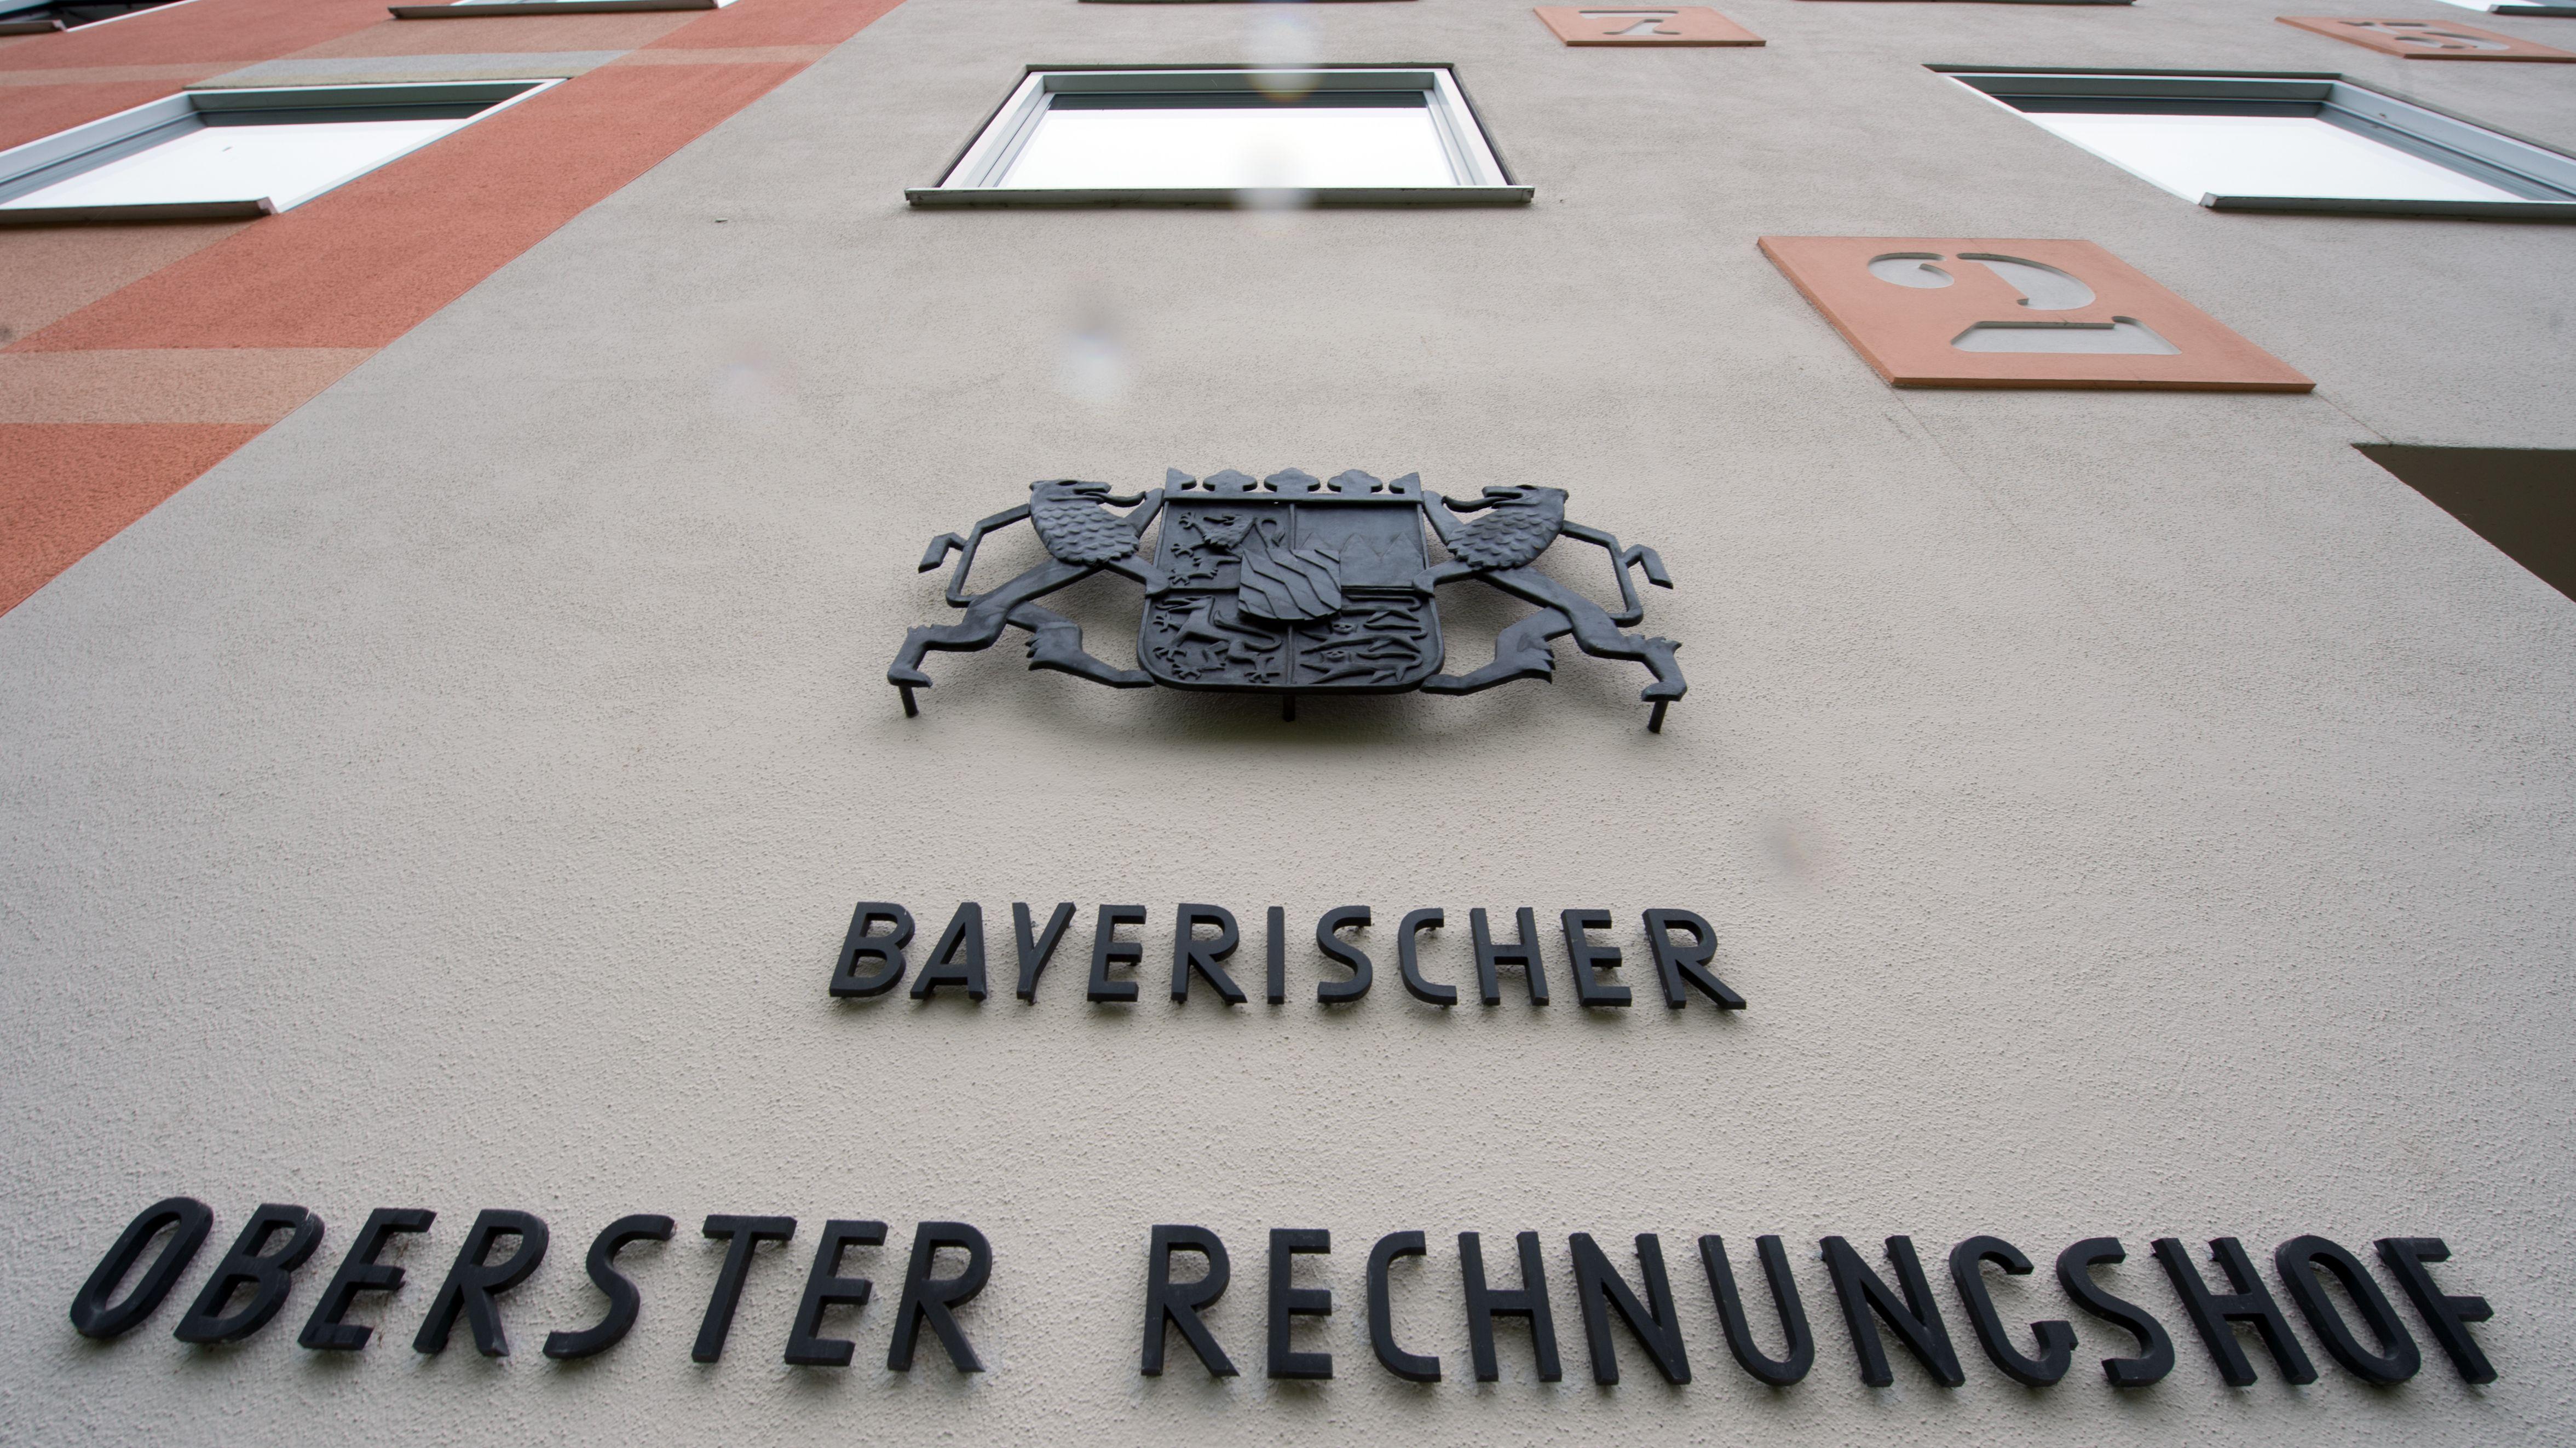 Bayerische Oberste Rechnungshof